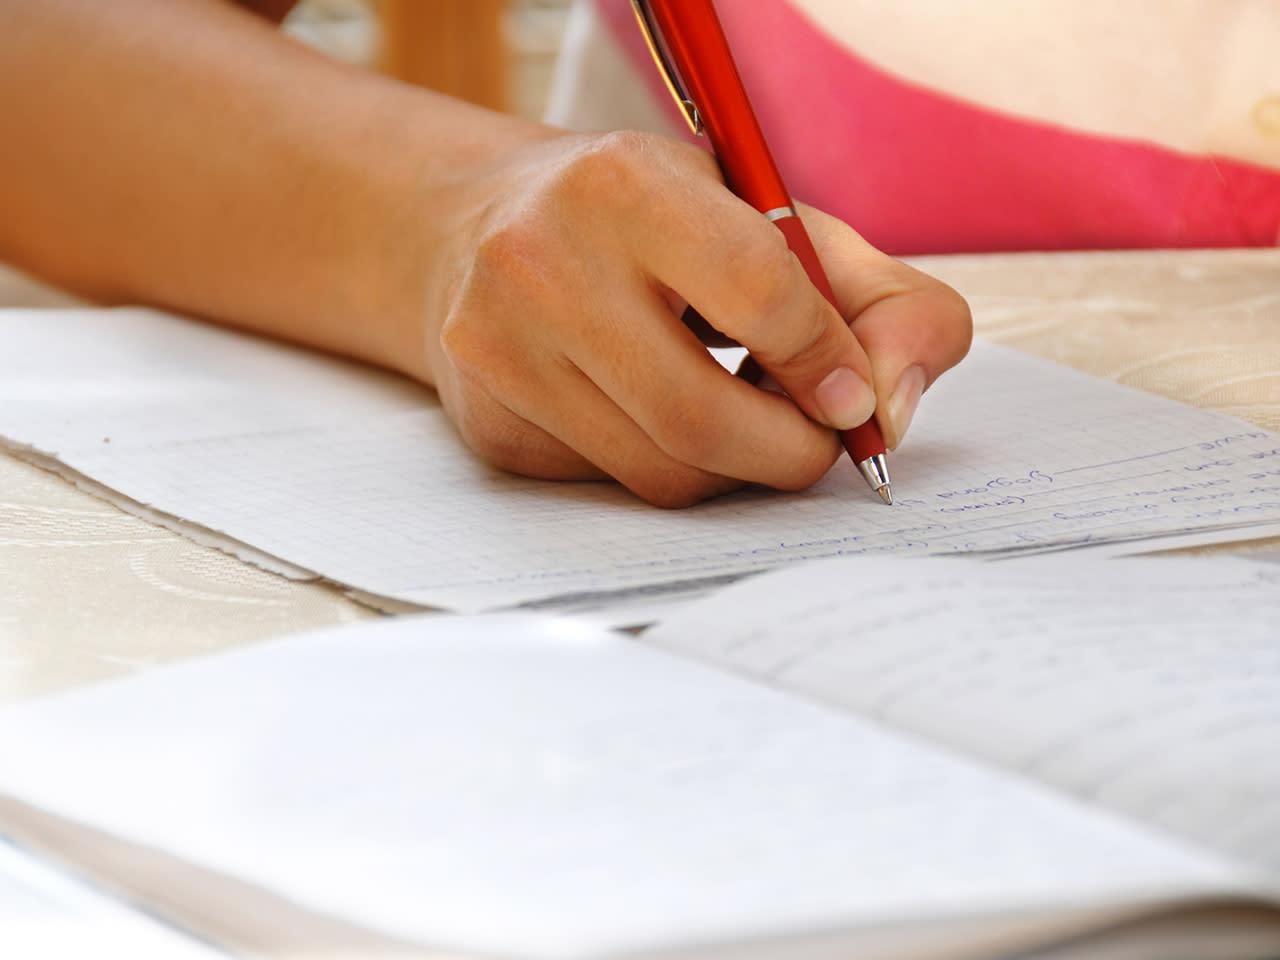 Rachesex-Frage aus Schultest erbost das Netz